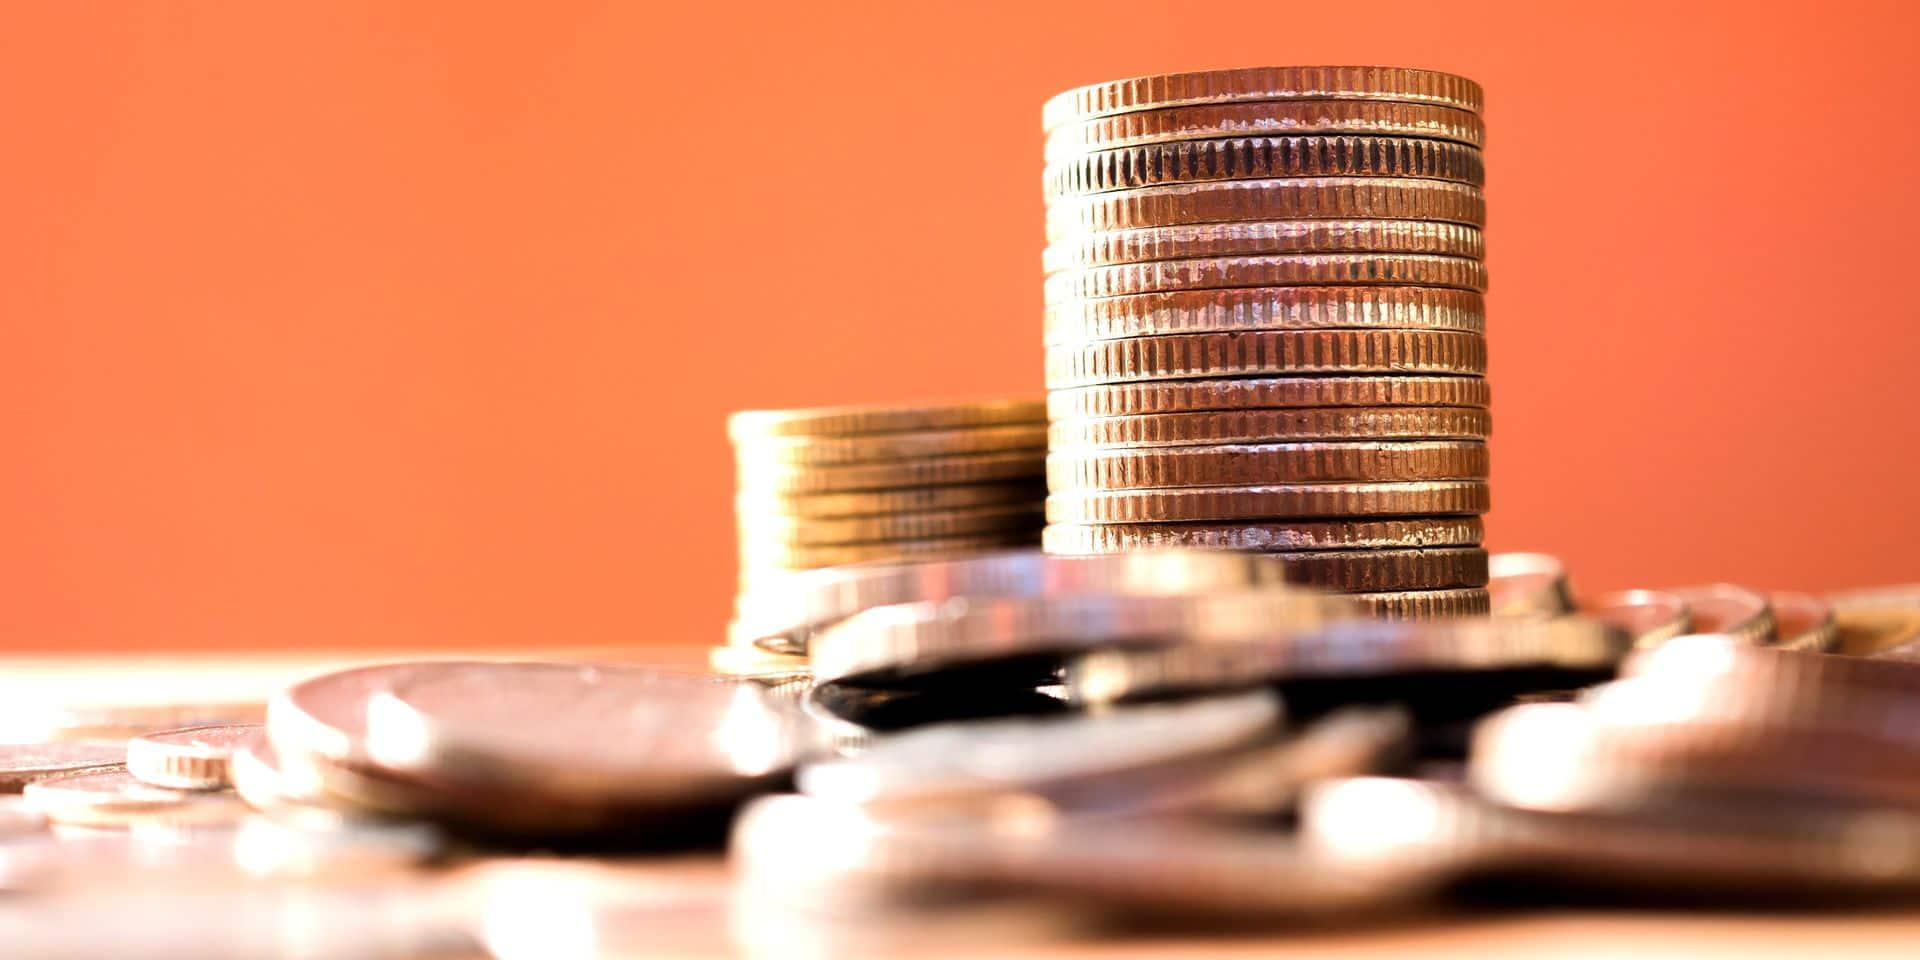 L'appli de transfert d'argent Orange Money arrive en Belgique